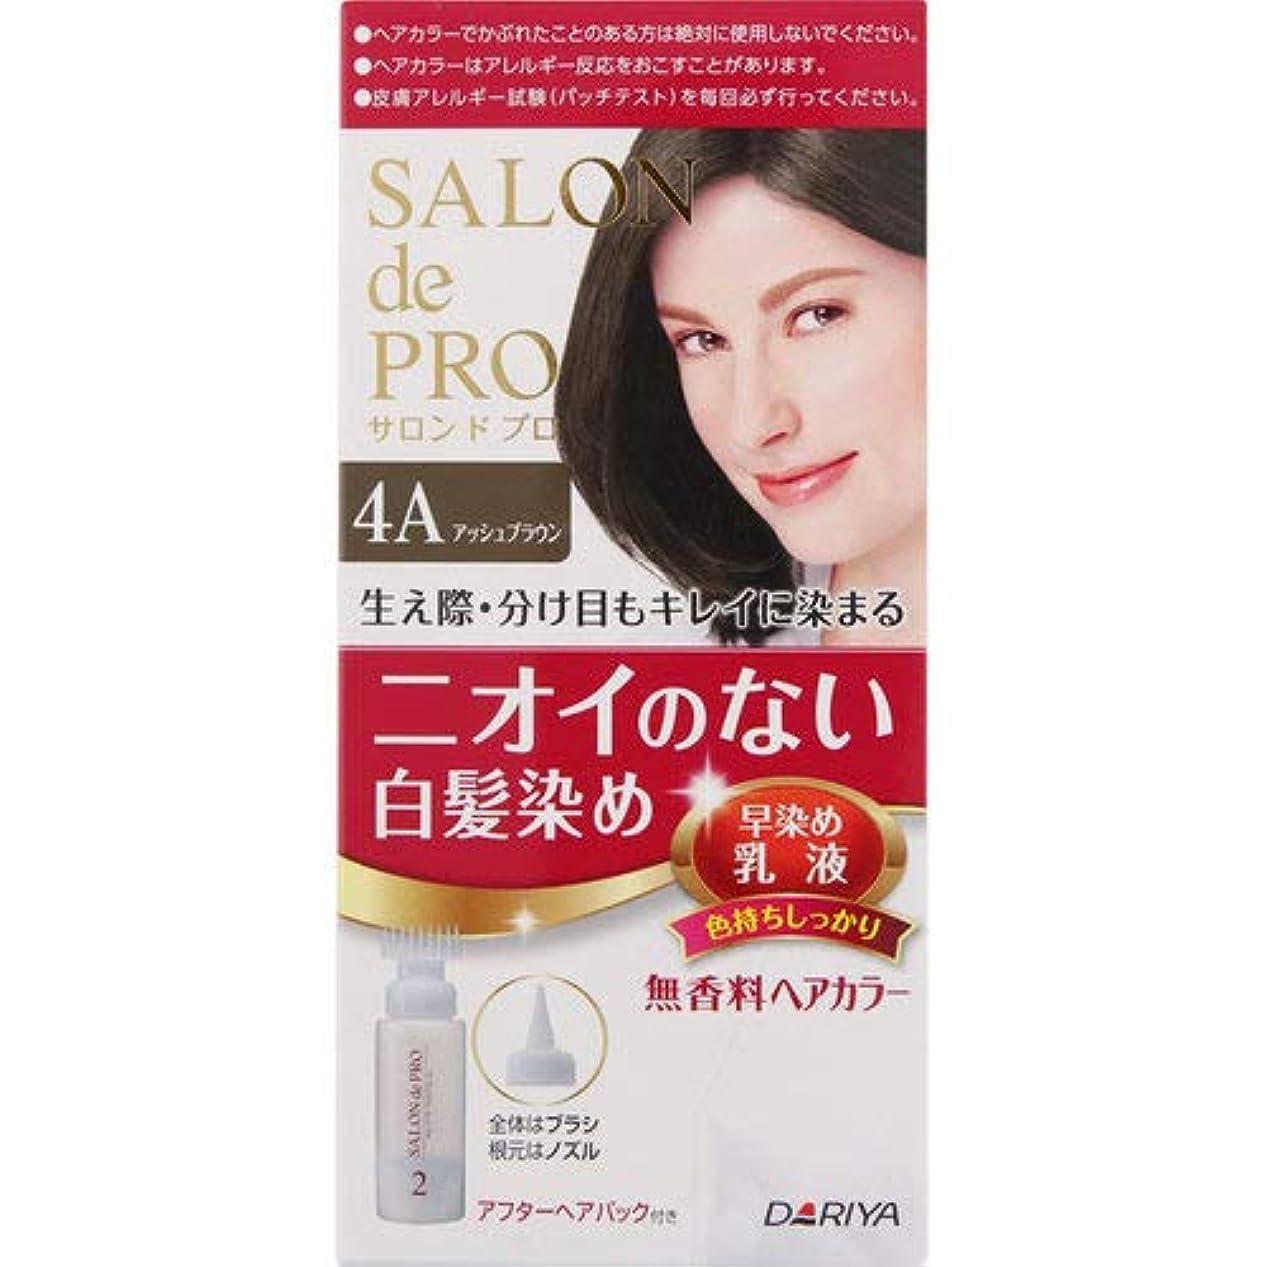 グラスマーベルエゴマニアサロンドプロ無香料ヘアカラー早染め乳液4A(アッシュブラウン)